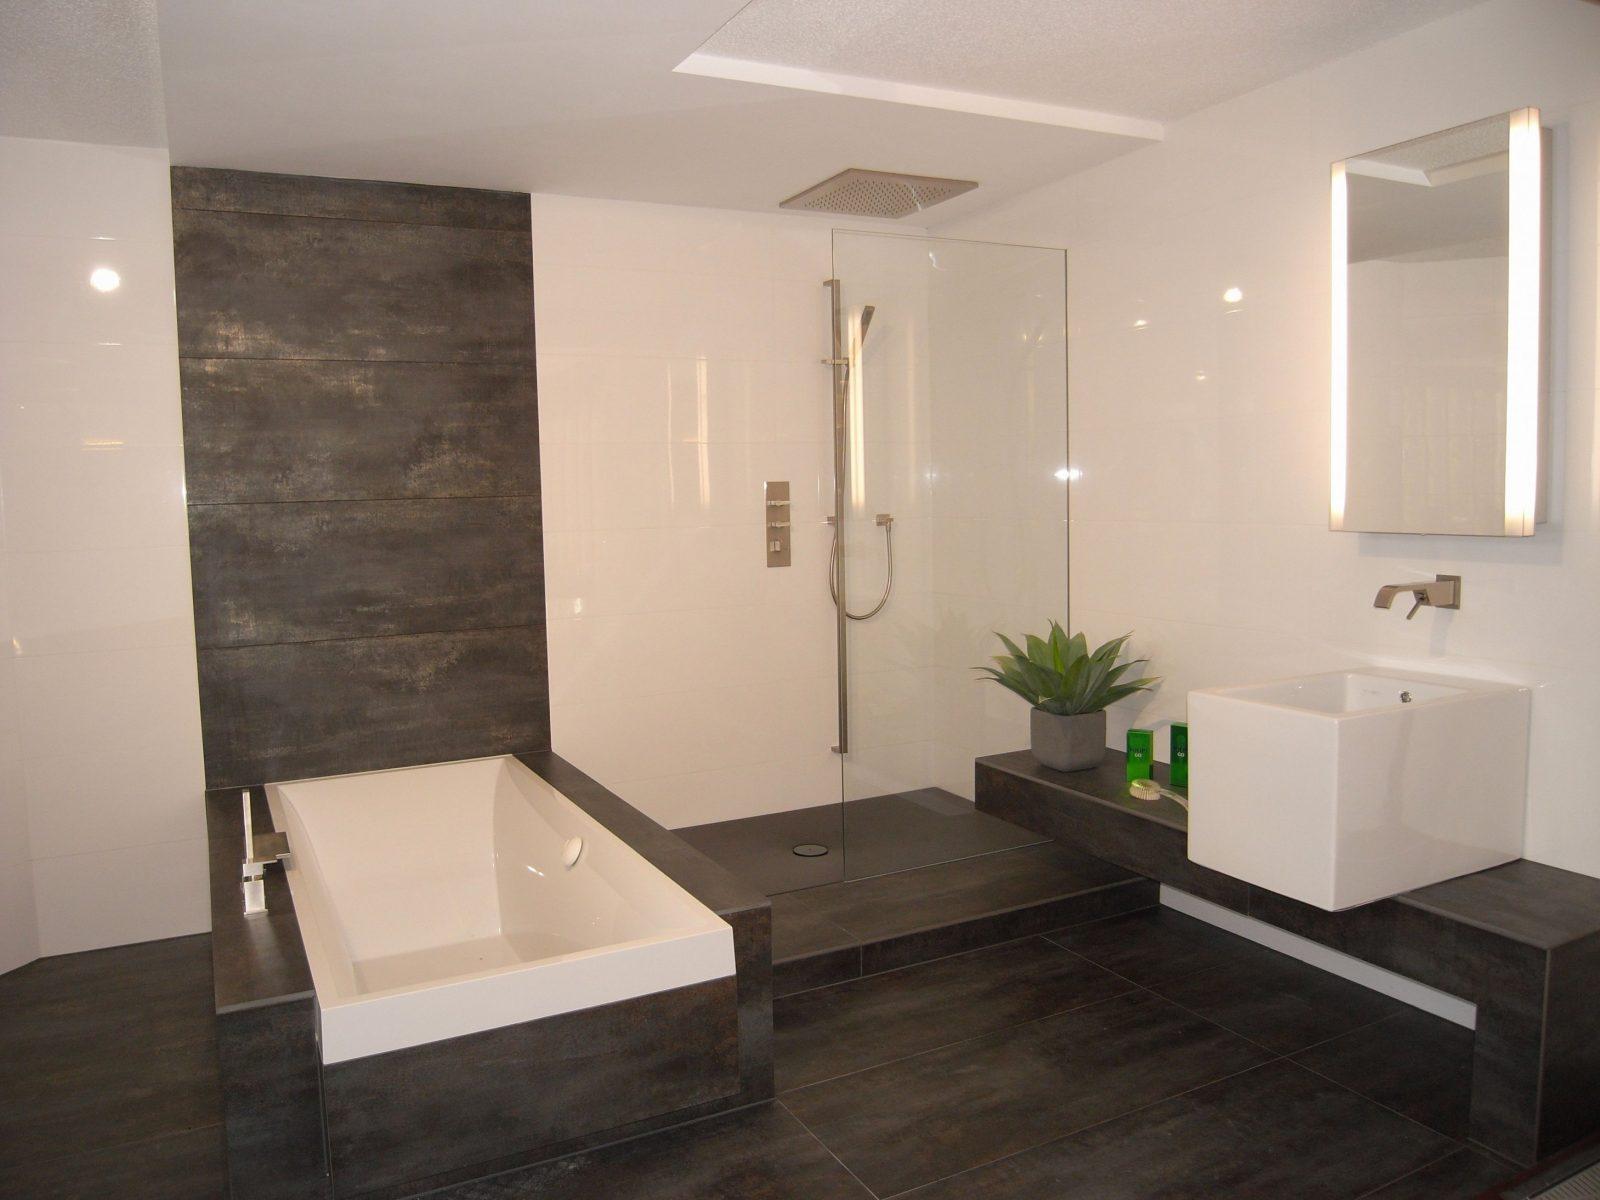 Badezimmer Fliesen Mosaik Dusche Terrasse On Badezimmer Fliesen von Fliesen Bad Ideen Modern Bild